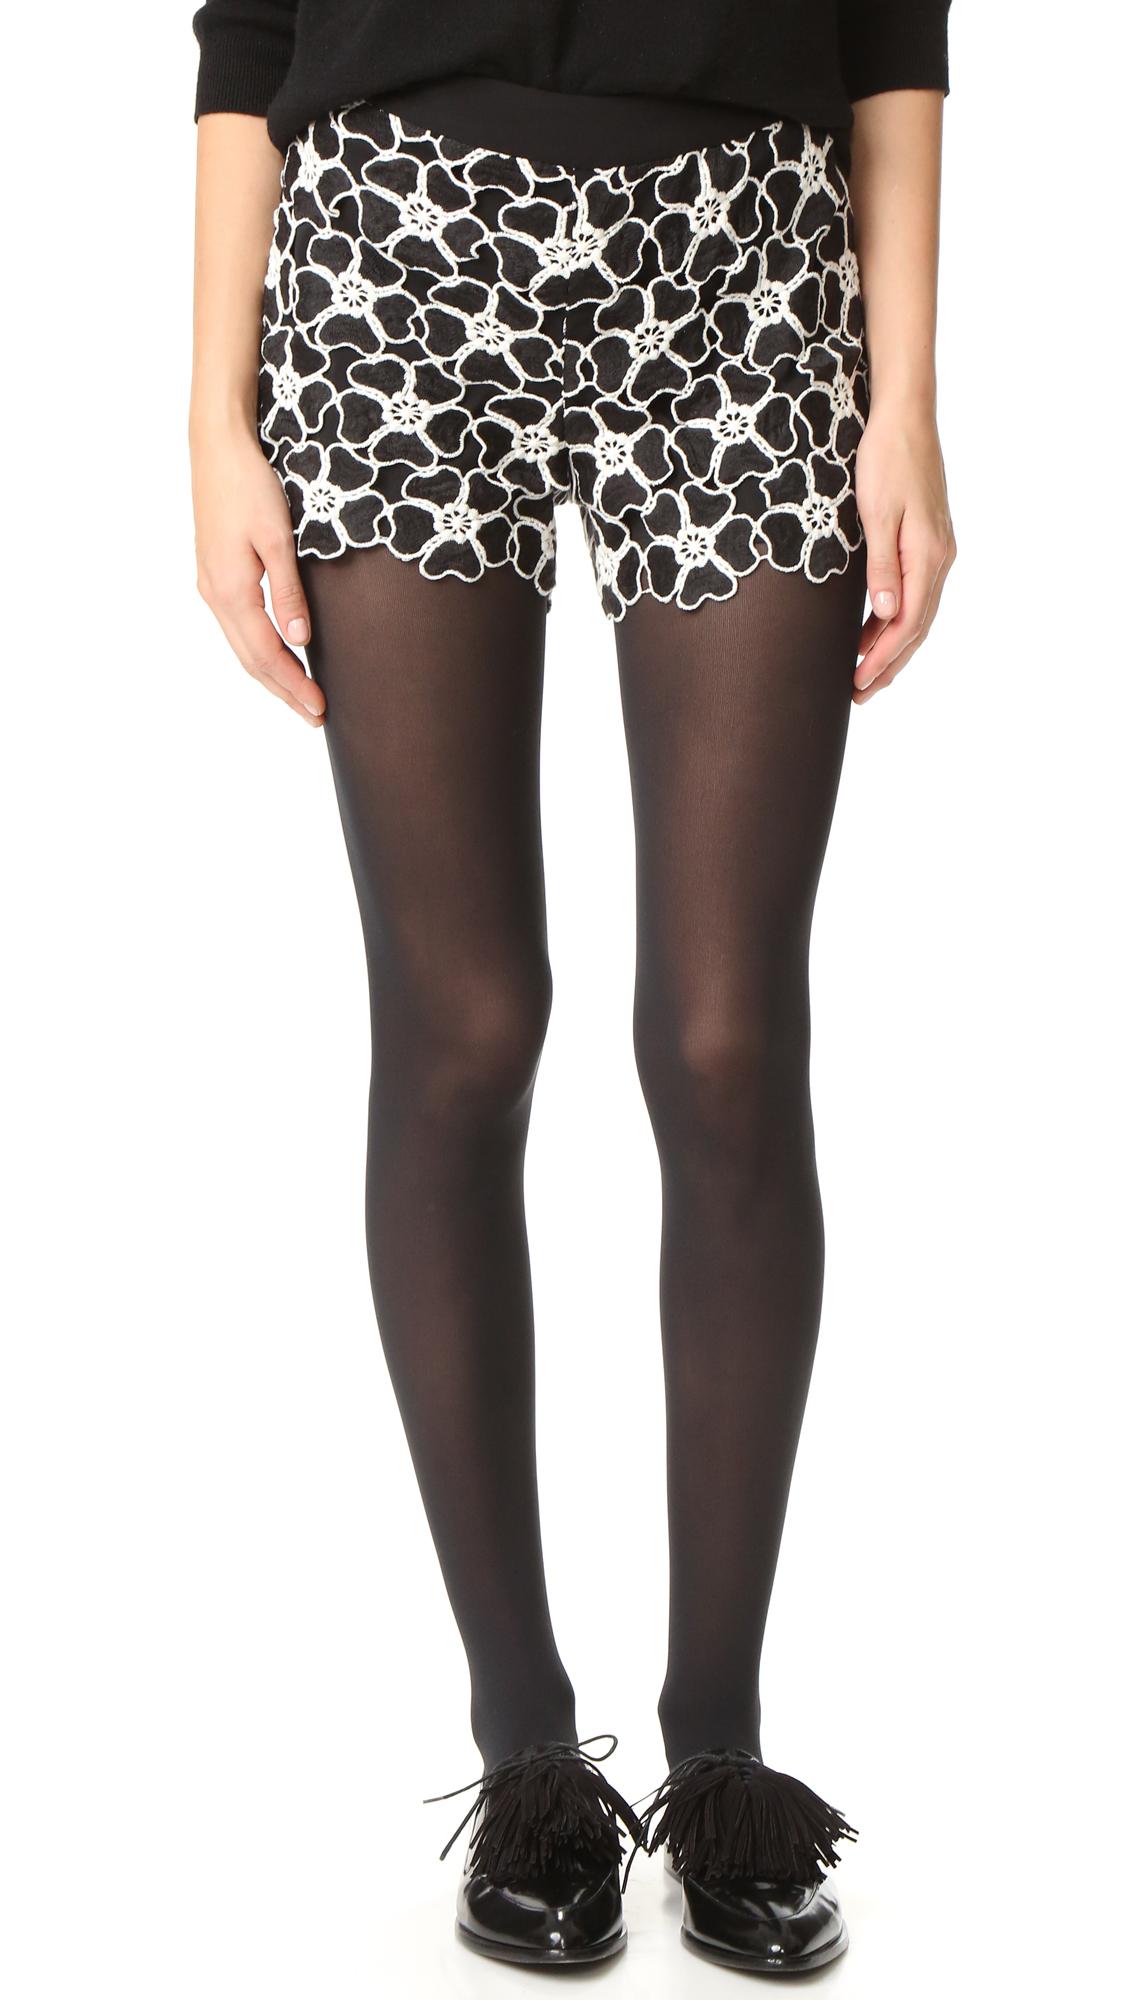 Alice + Olivia Amaris High Waisted Lace Shorts - Black/White at Shopbop